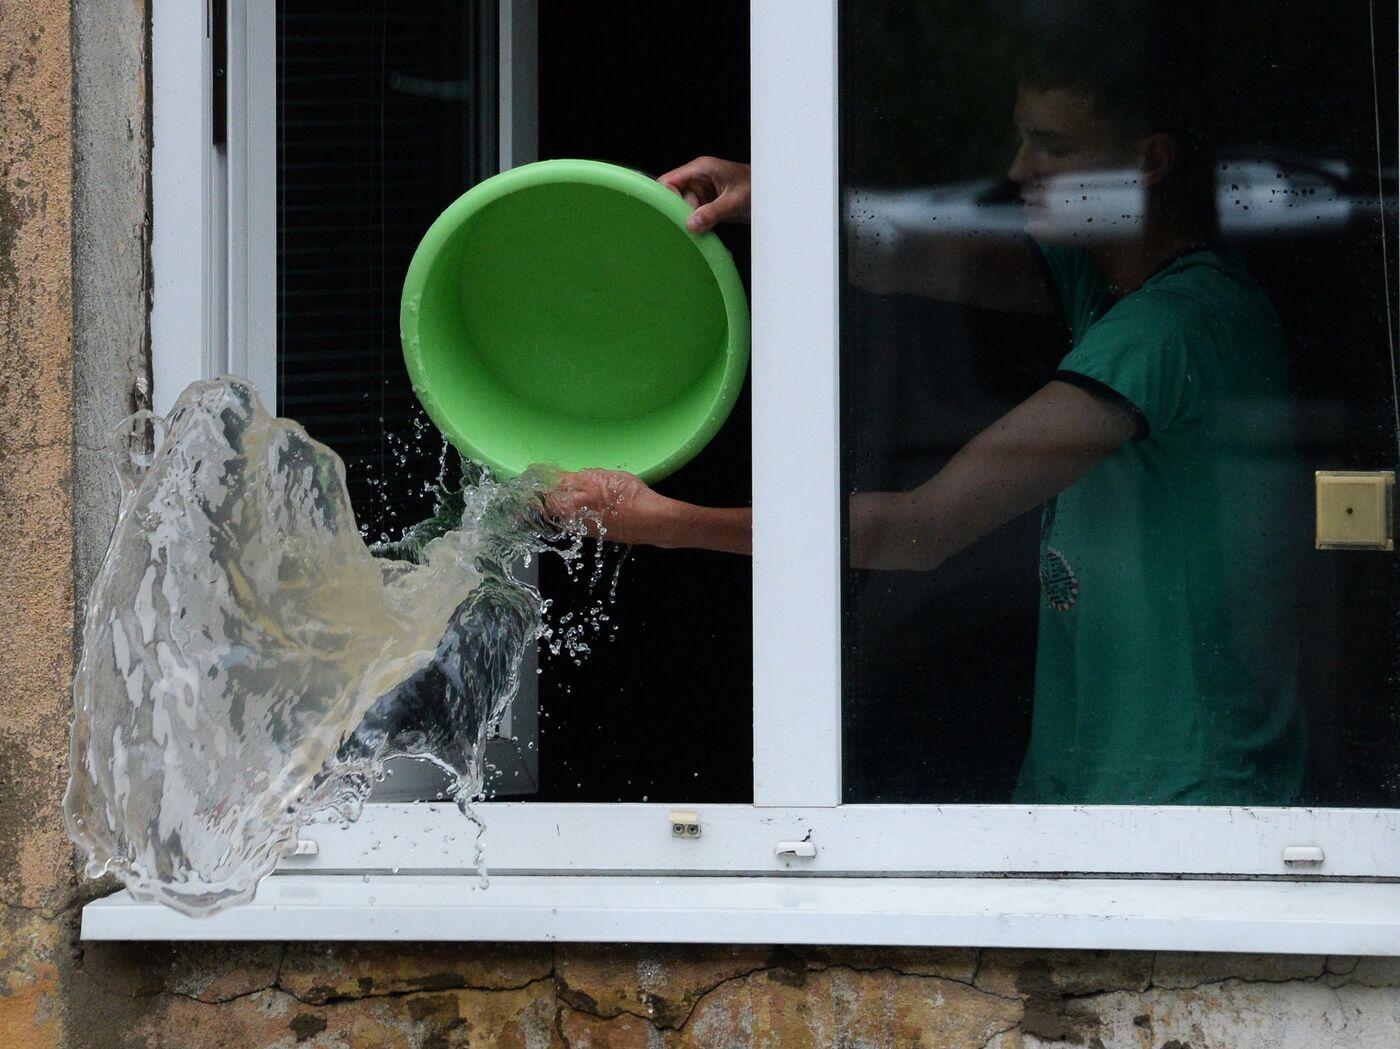 ответственность за затопление соседей